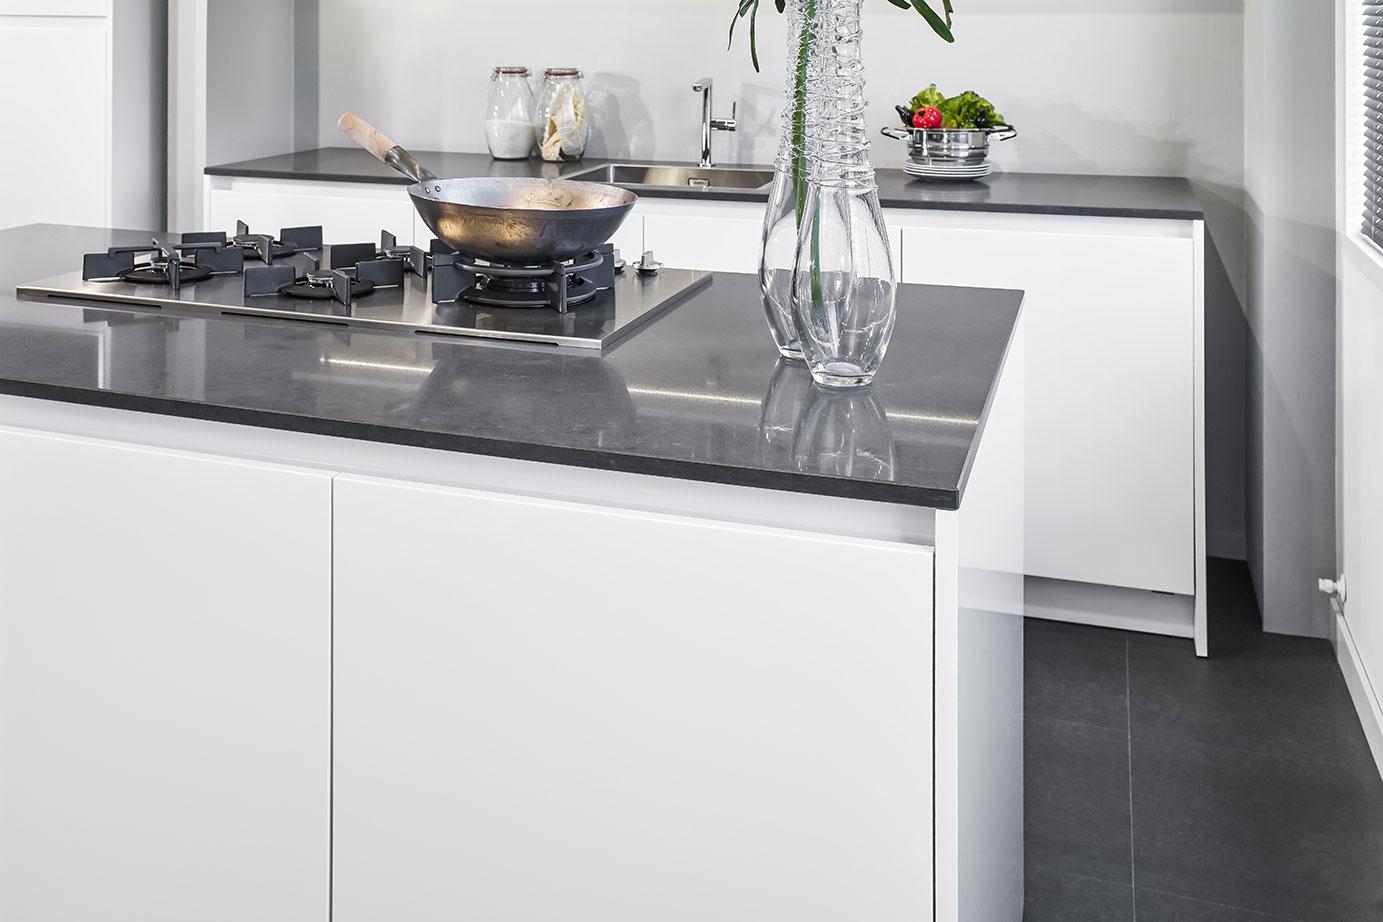 Hoogglans Witte Keuken : Een witte hoogglans keuken met bovendeuren met dimensionaal